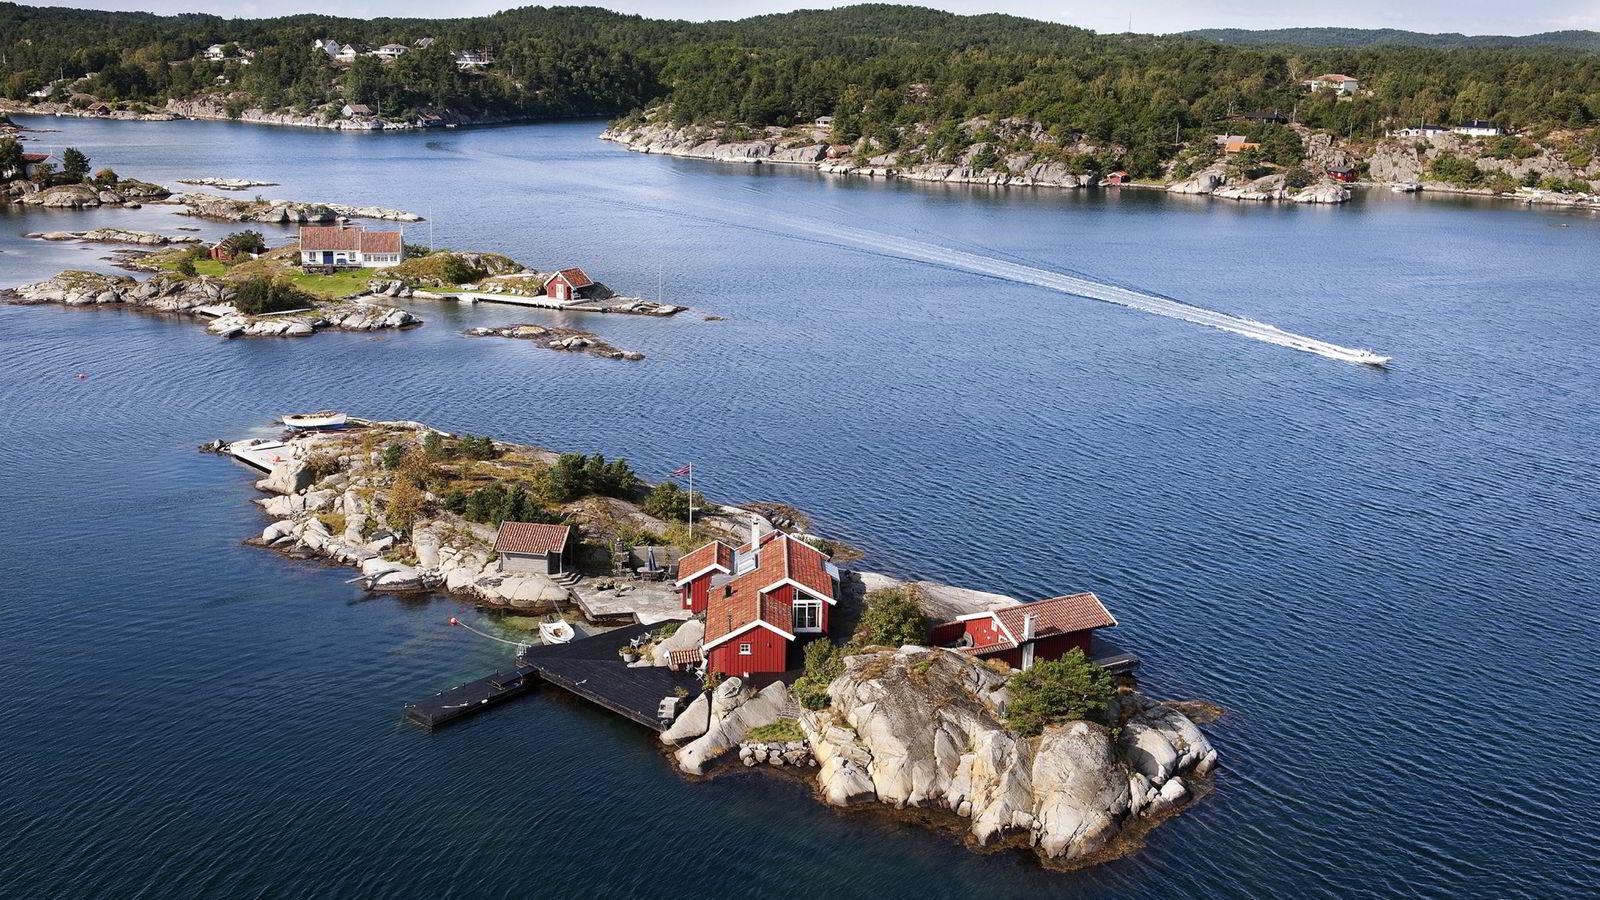 Lillesand har de dyreste sjøhyttene, ifølge nye tall fra Eiendom Norge. Flyfoto fra området rundt Gamle Hellesund i Blindleia.